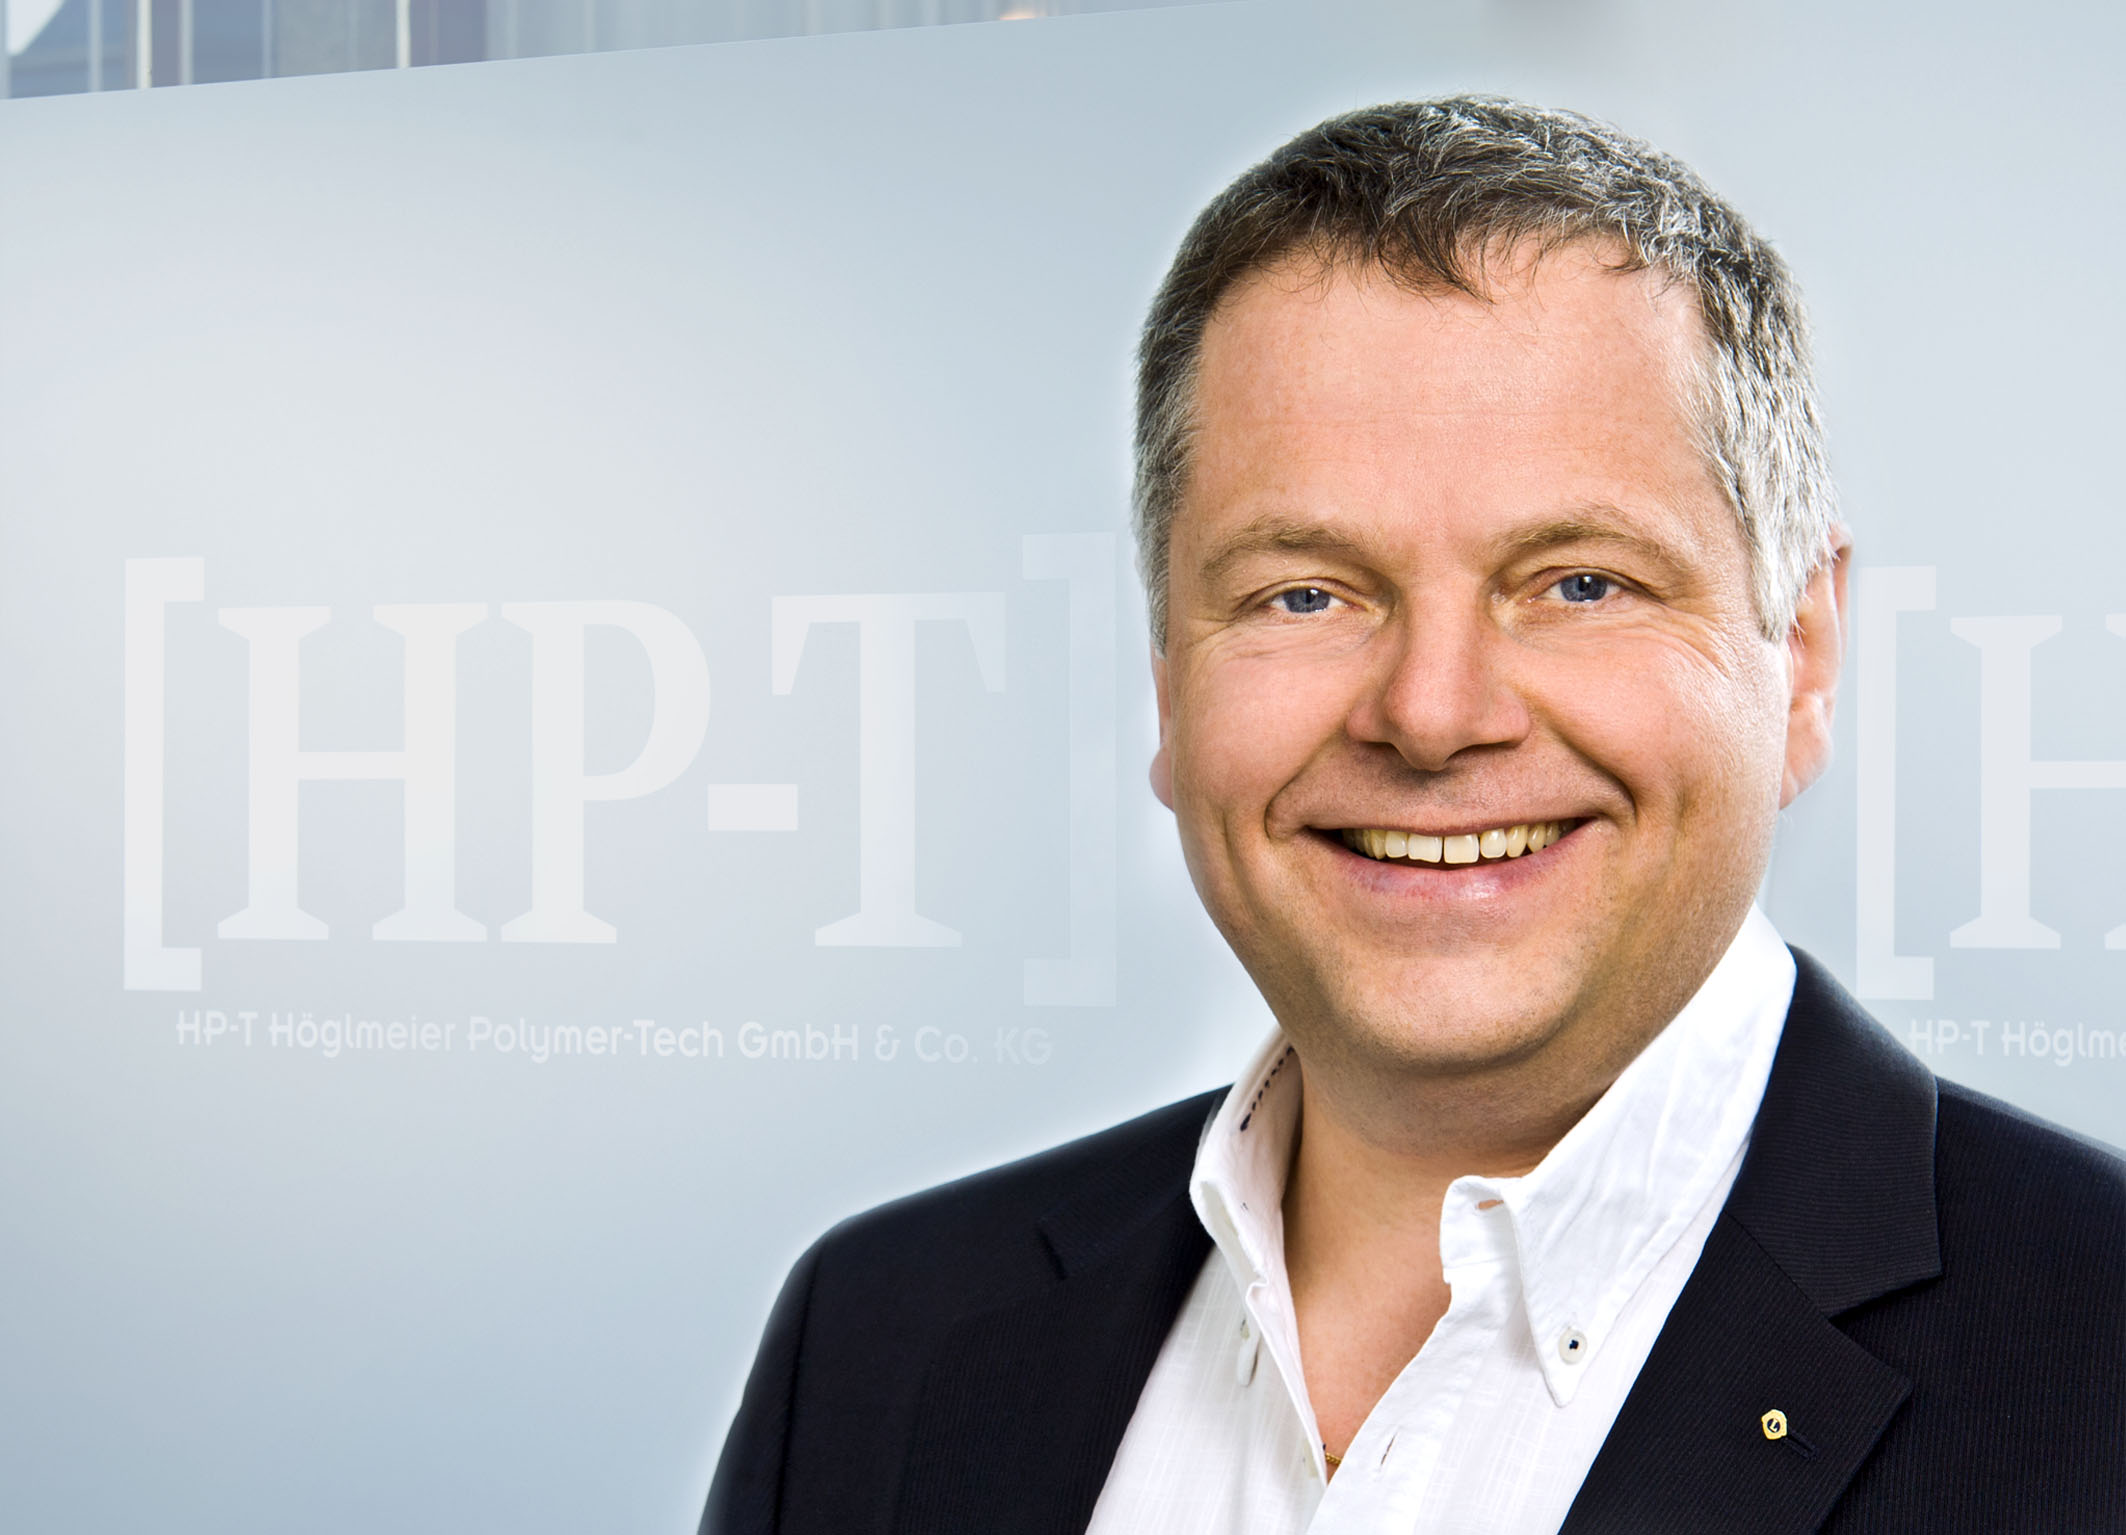 H_Hoeglmeier